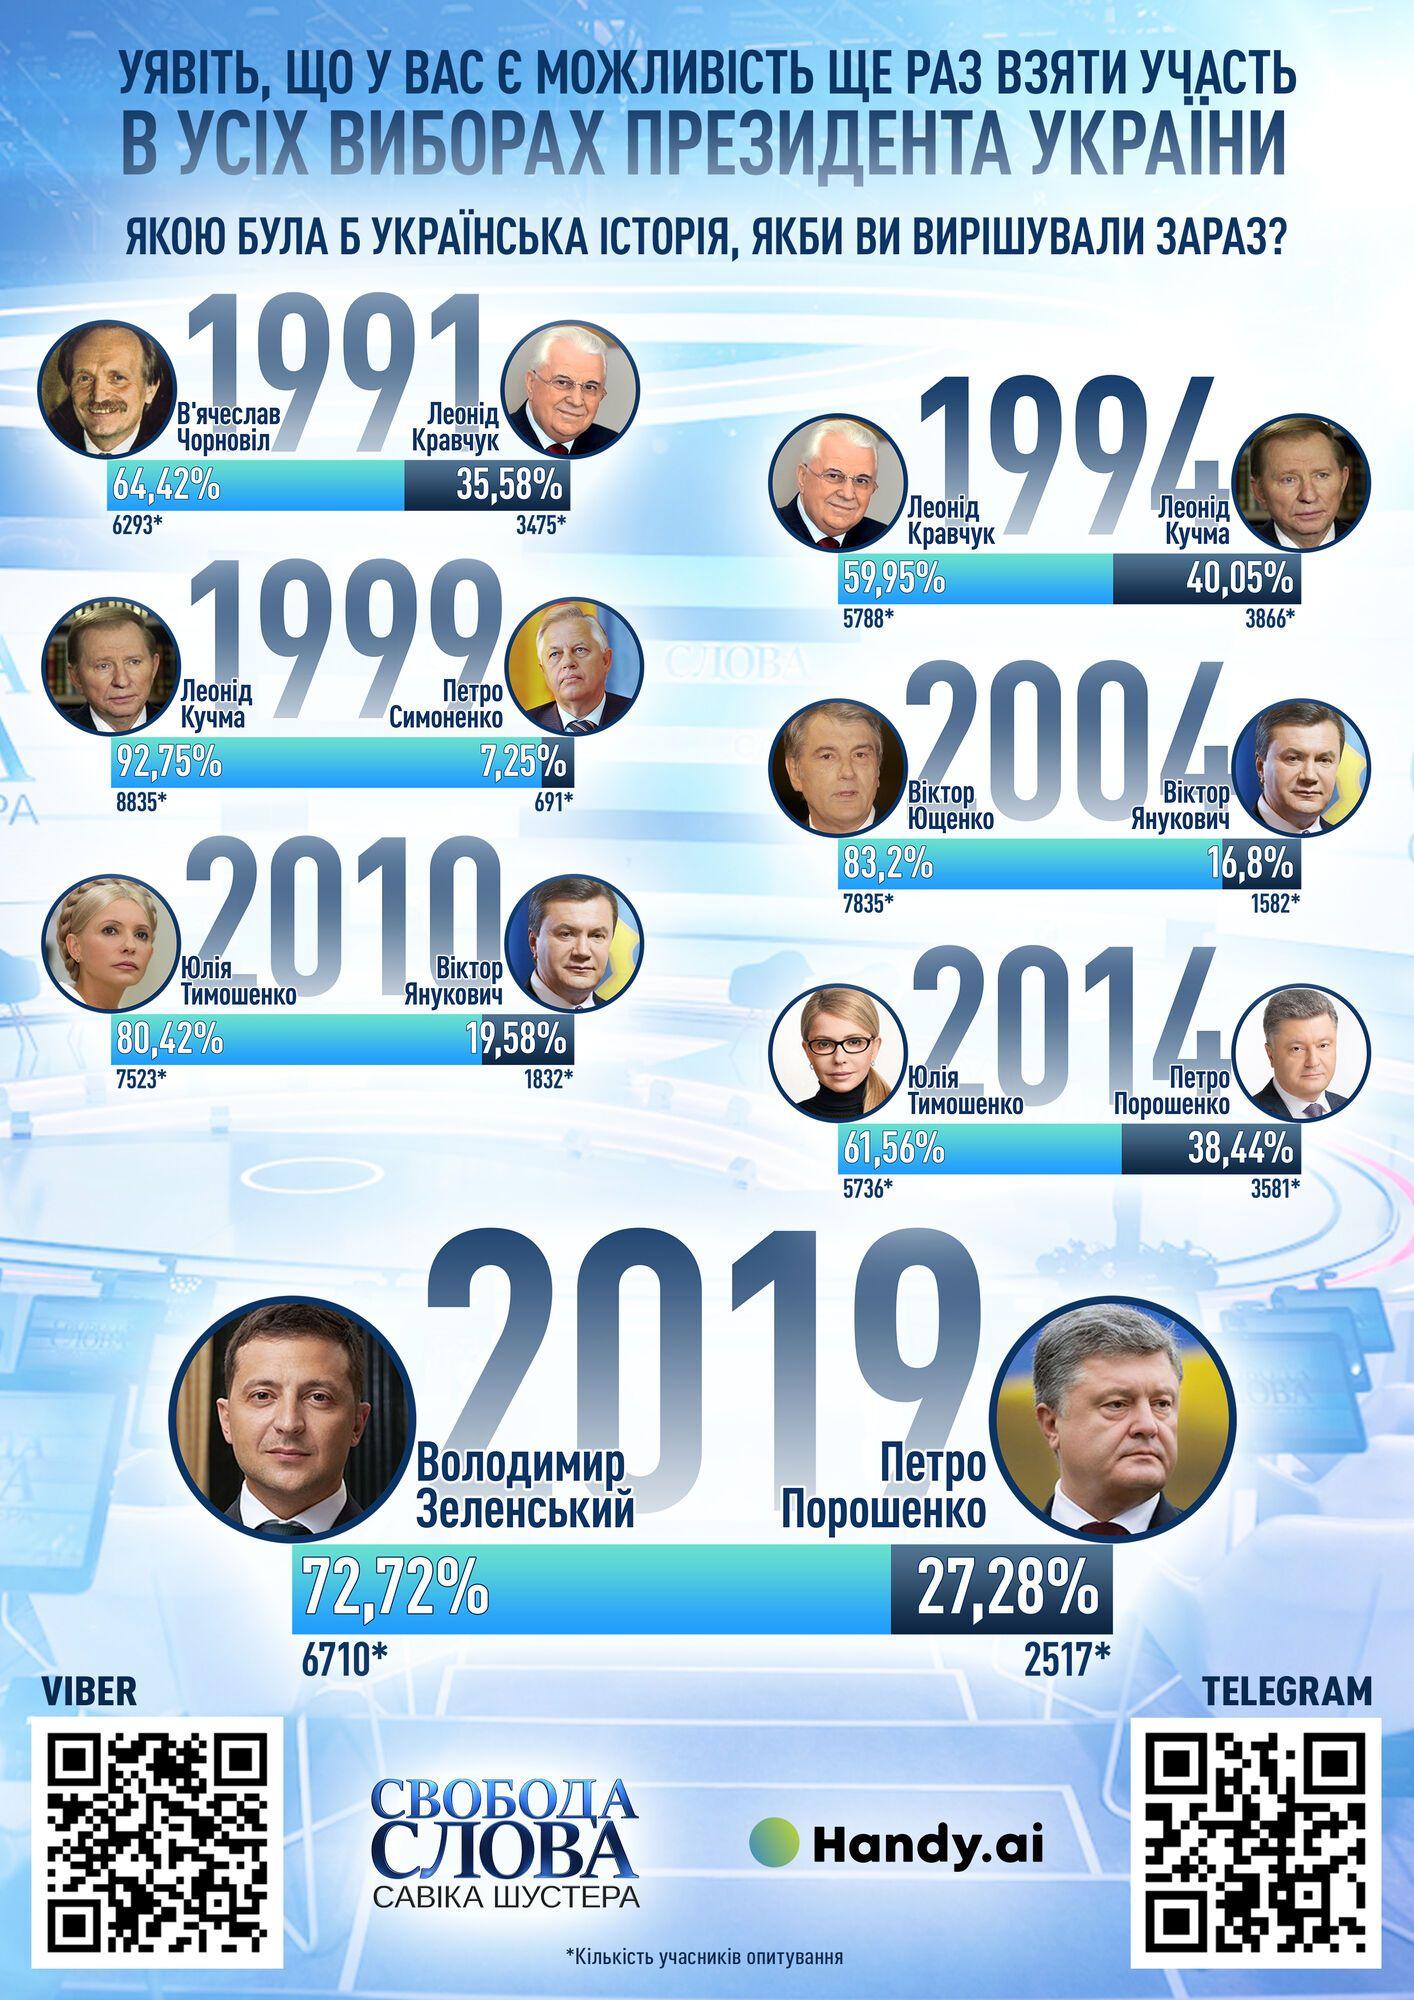 Українці показали, за кого проголосували б, якби на виборах президента балотувались кандидати з минулого